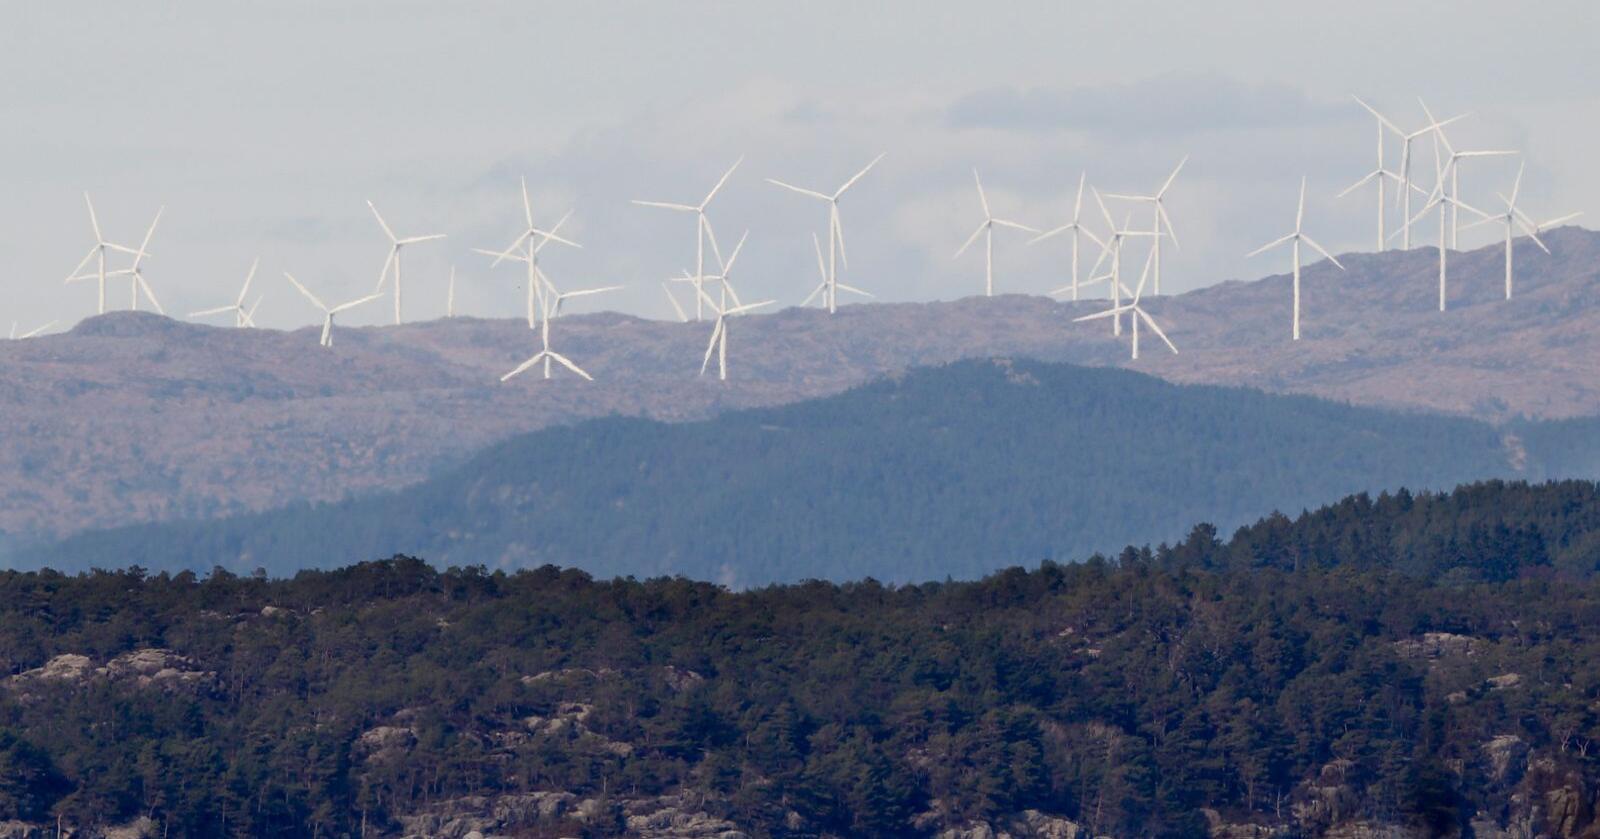 Regjeringen har sagt ja til vindkraftprosjekter på Stad i Nordfjord og Haram på Sunnmøre. Bildet er av vindturbiner i Fitjar. Foto: Jan Kåre Ness / NTB scanpix